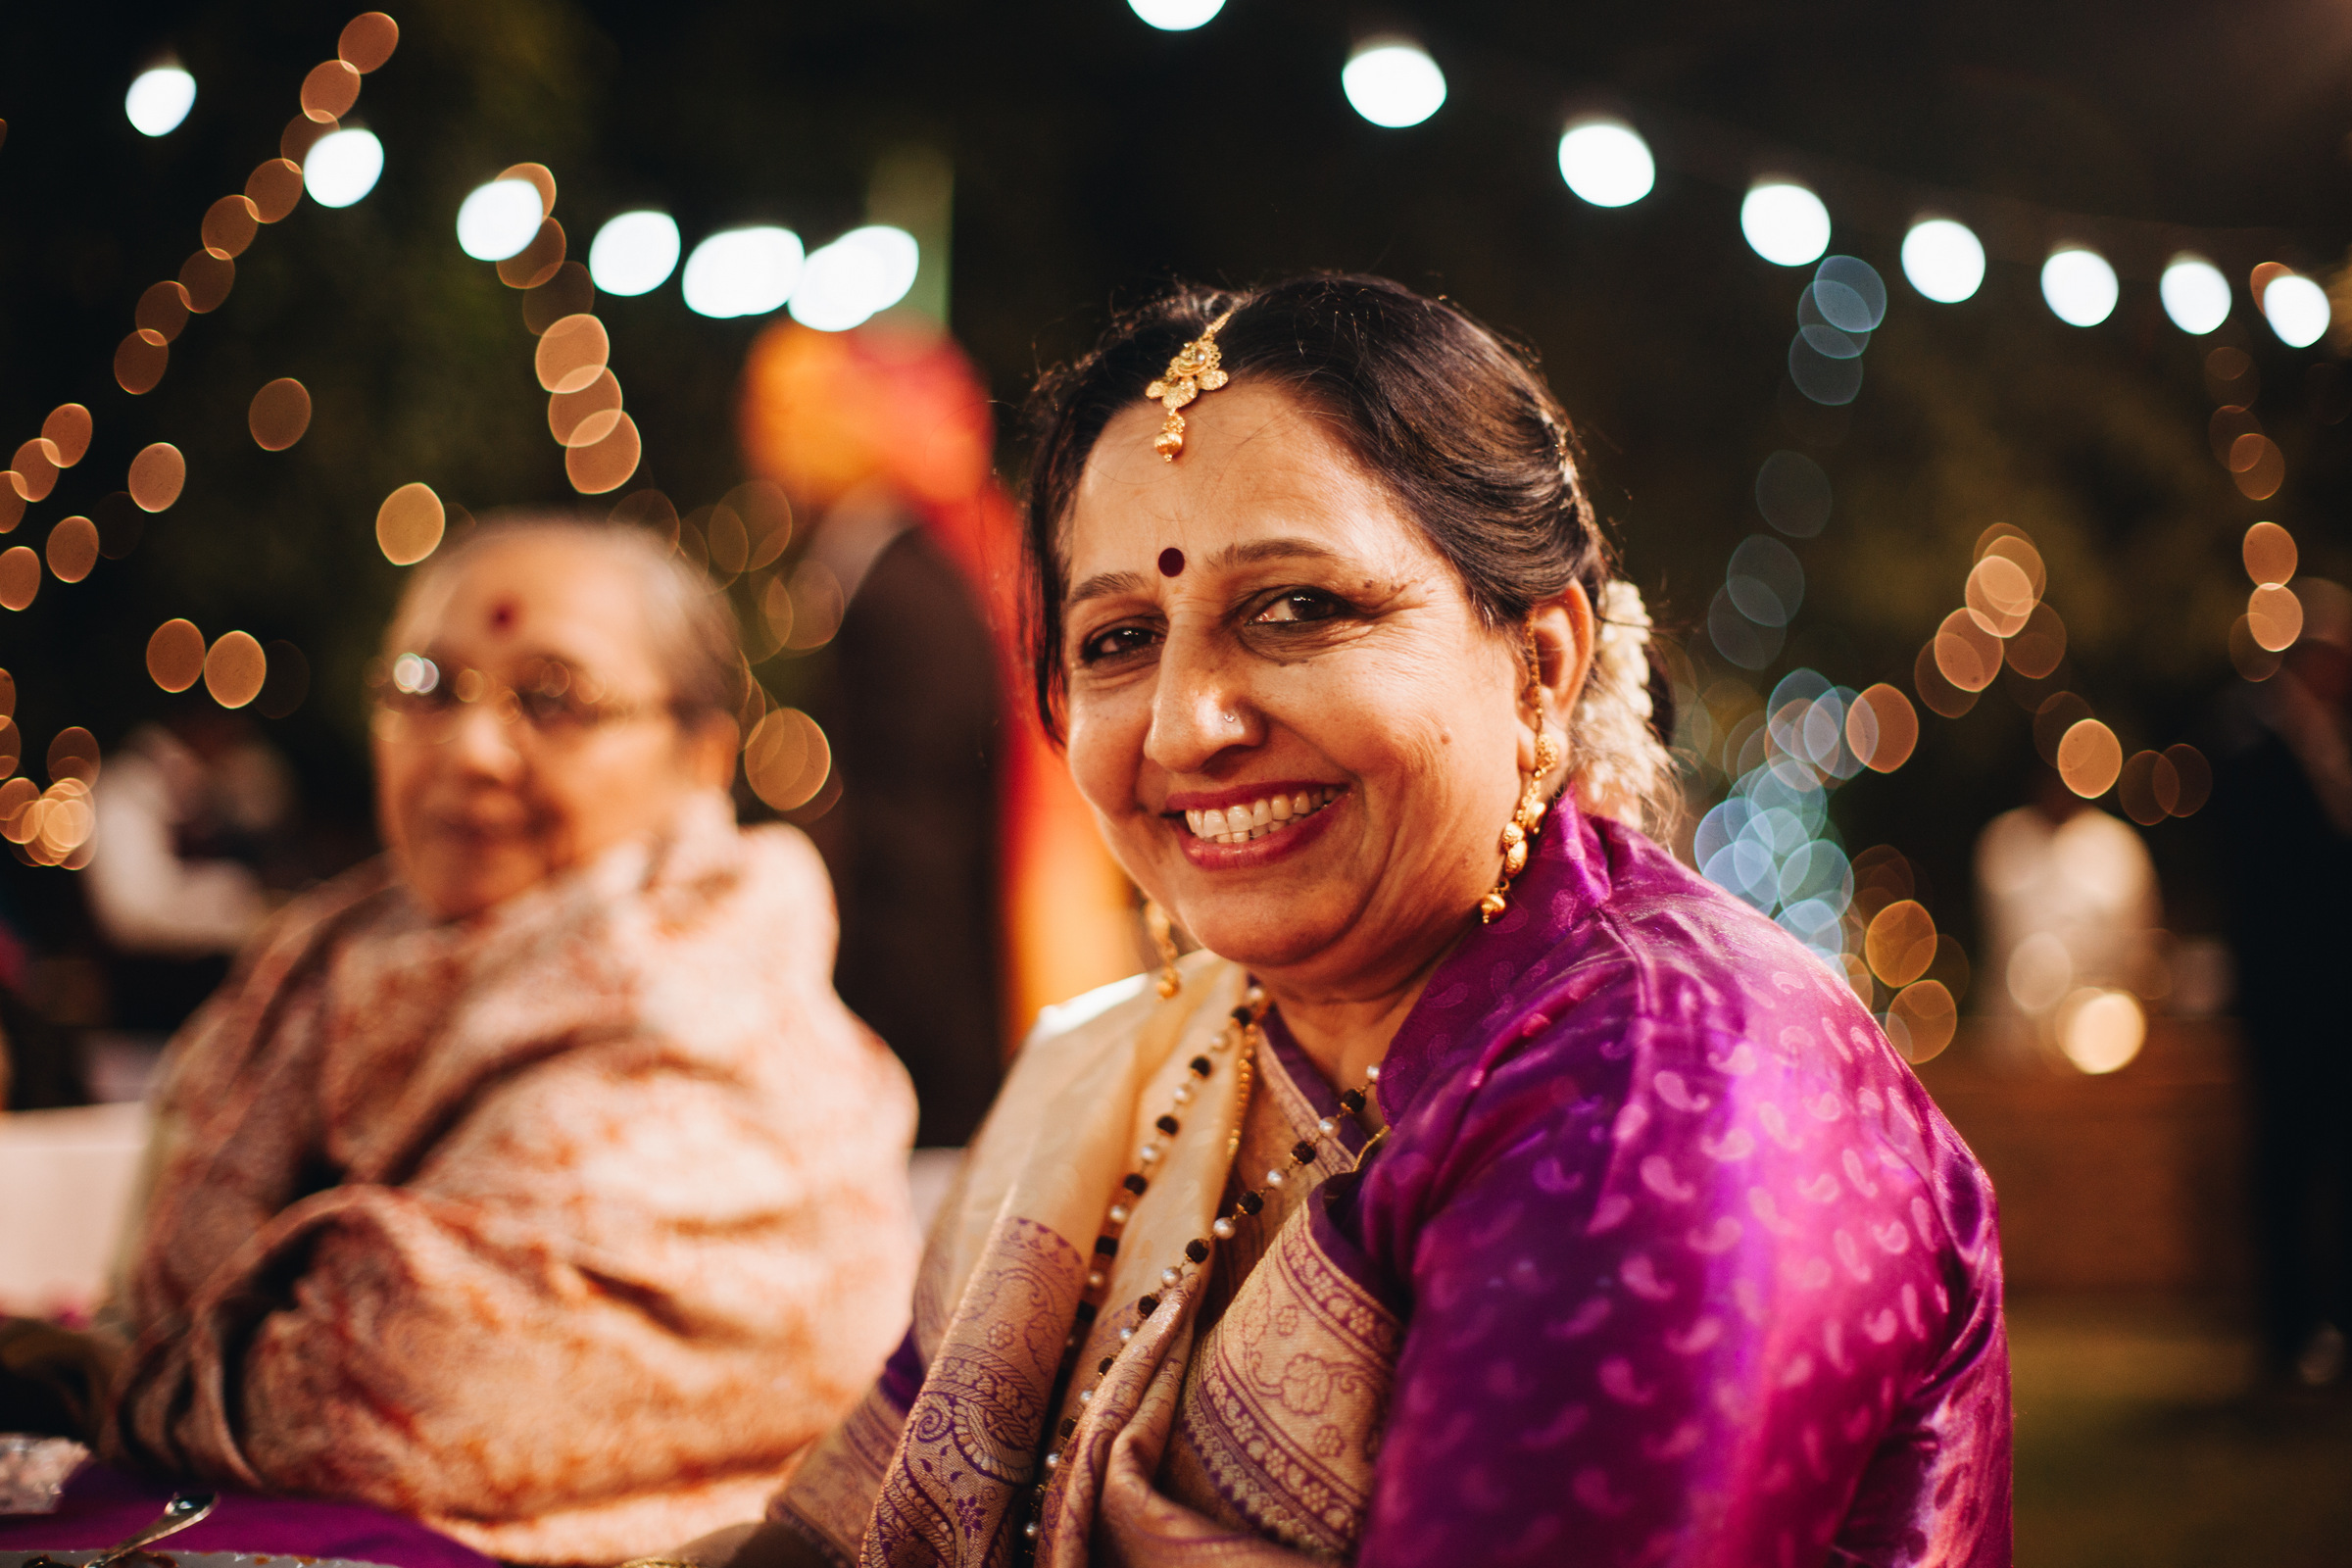 Jak Wygląda ślub W Indiach Przewodnik Po Symbolach